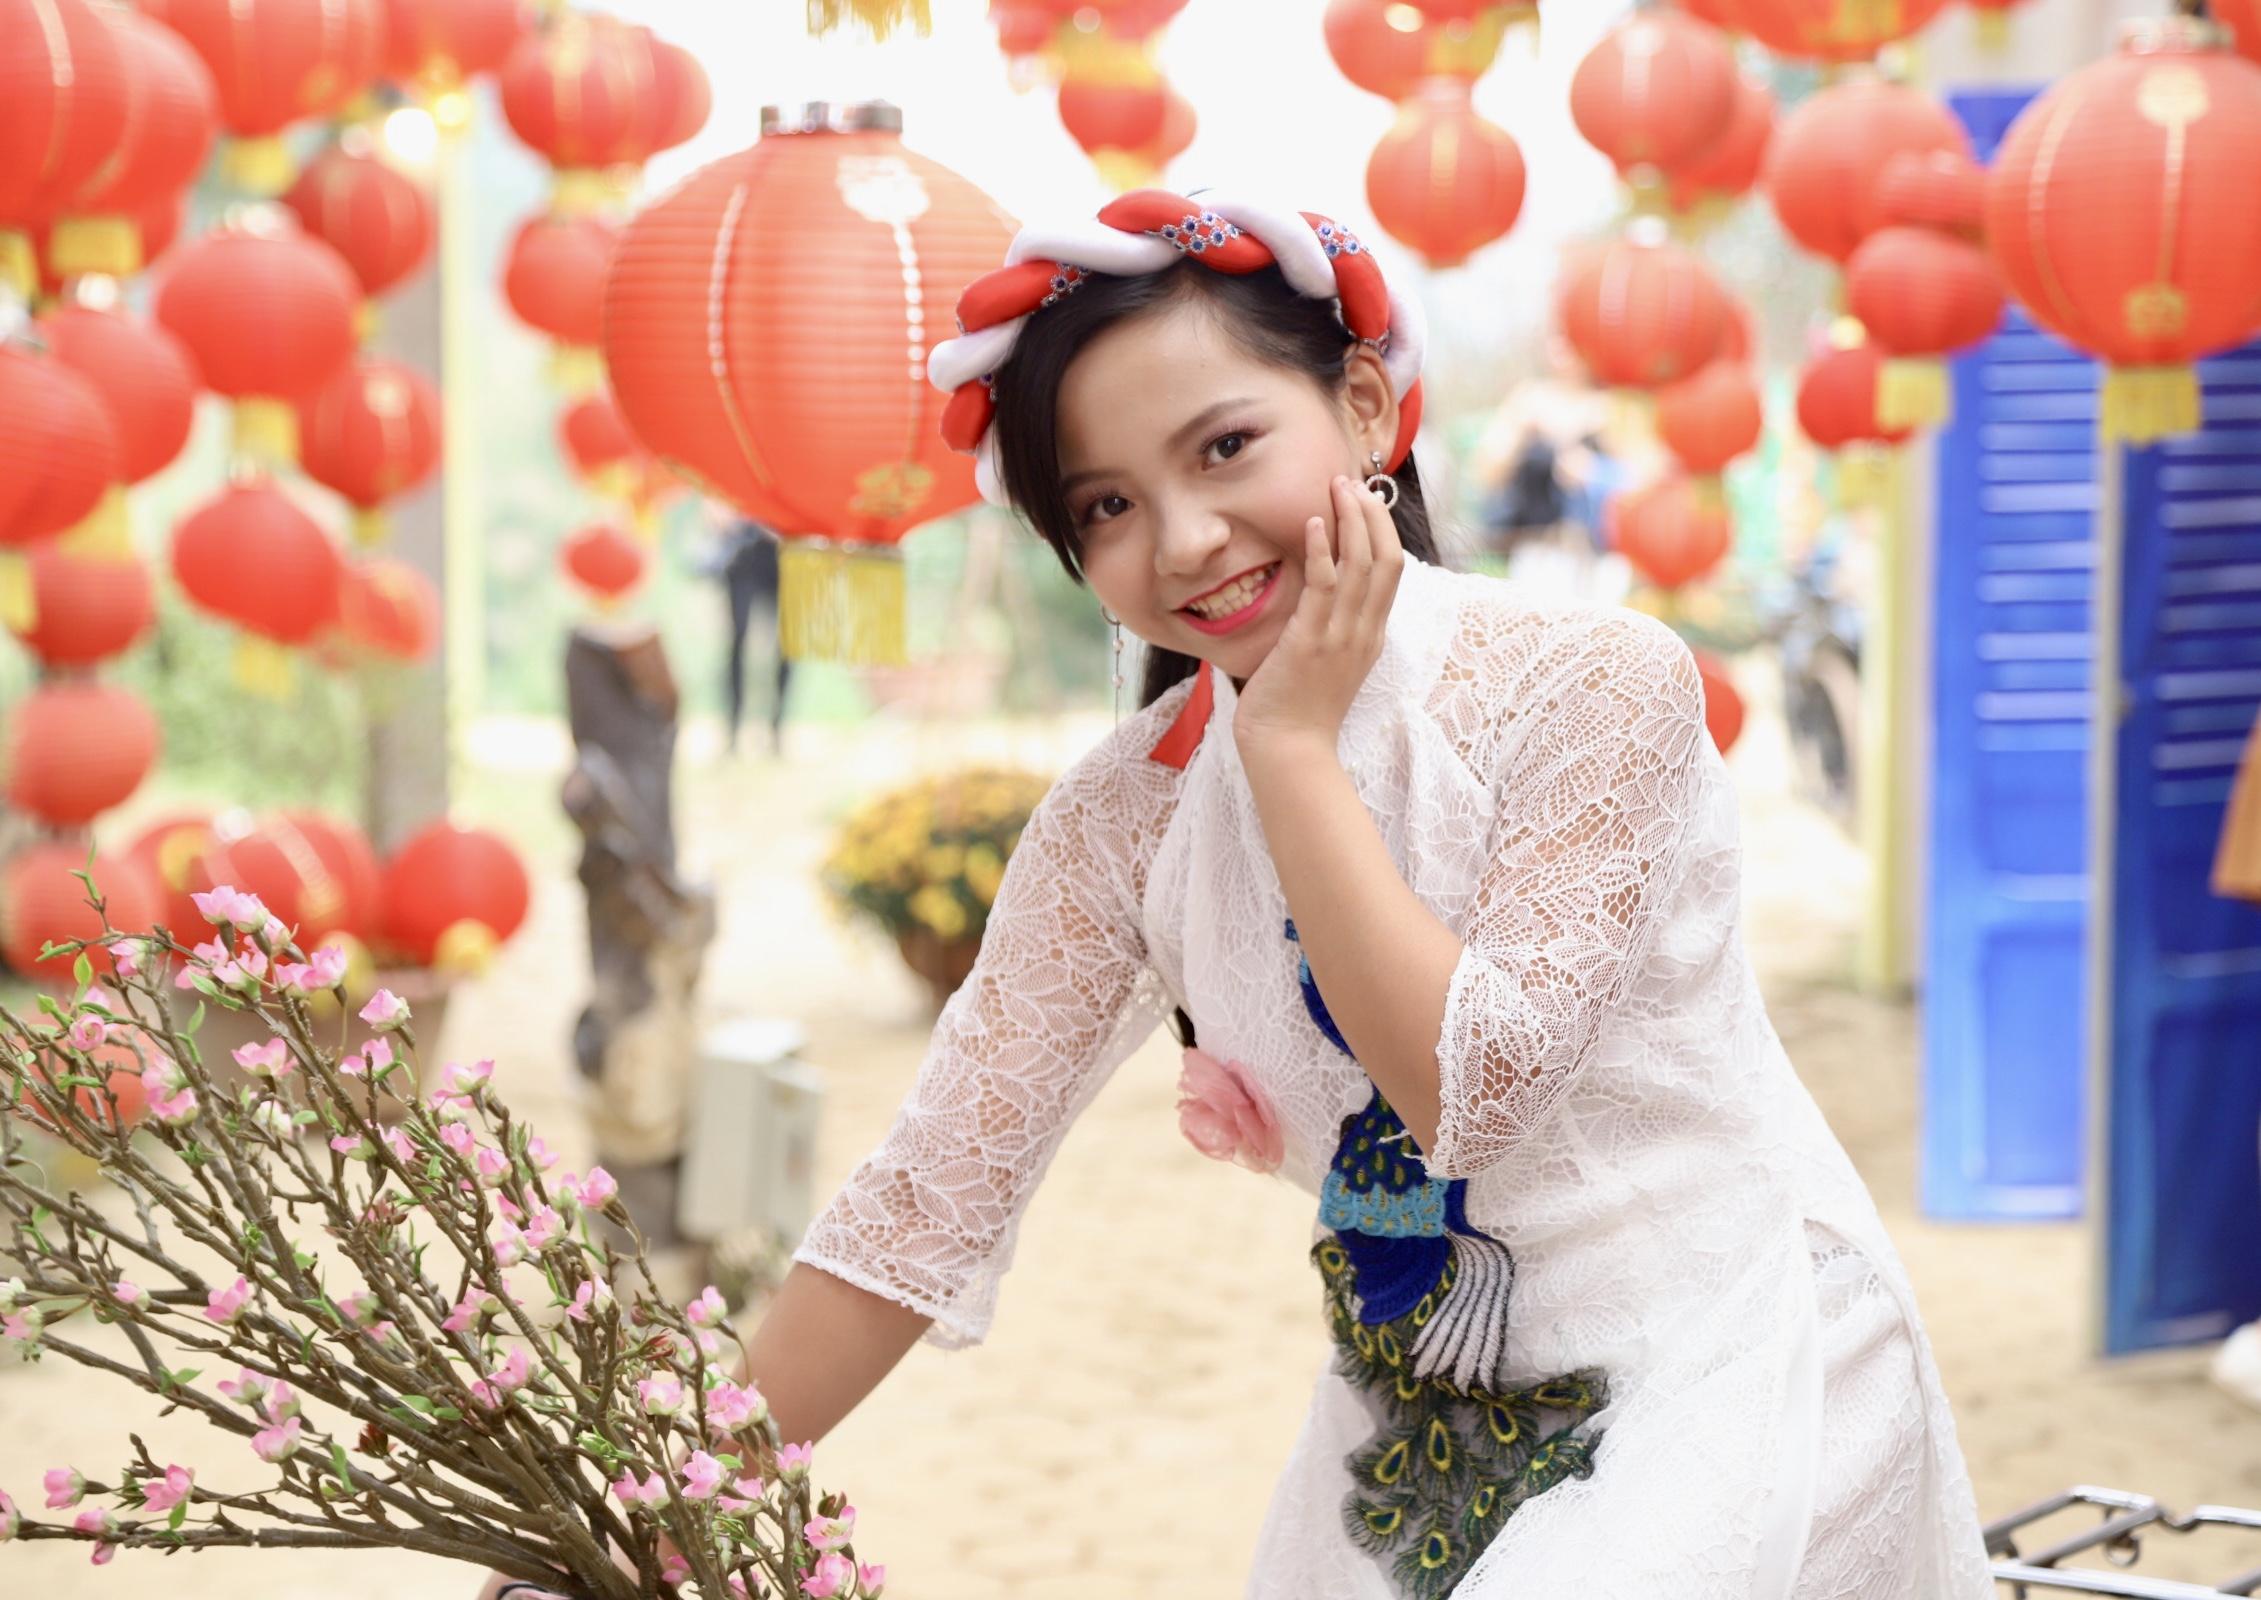 Với bộ áo dài cách tân màu trắng và chiếc vấn đầu xinh xắn, ca sĩ nhí Đinh Trần Khánh Vy chào xuân mới bằng nụ cười rạng rỡ. Đinh Trần Khánh Vy sinh năm 2007, cô bé từng đạt giải Quán quân cuộc thi Tìm kiếm tài năng nhí Ngôi Sao Hướng Dương mùa đầu tiên.